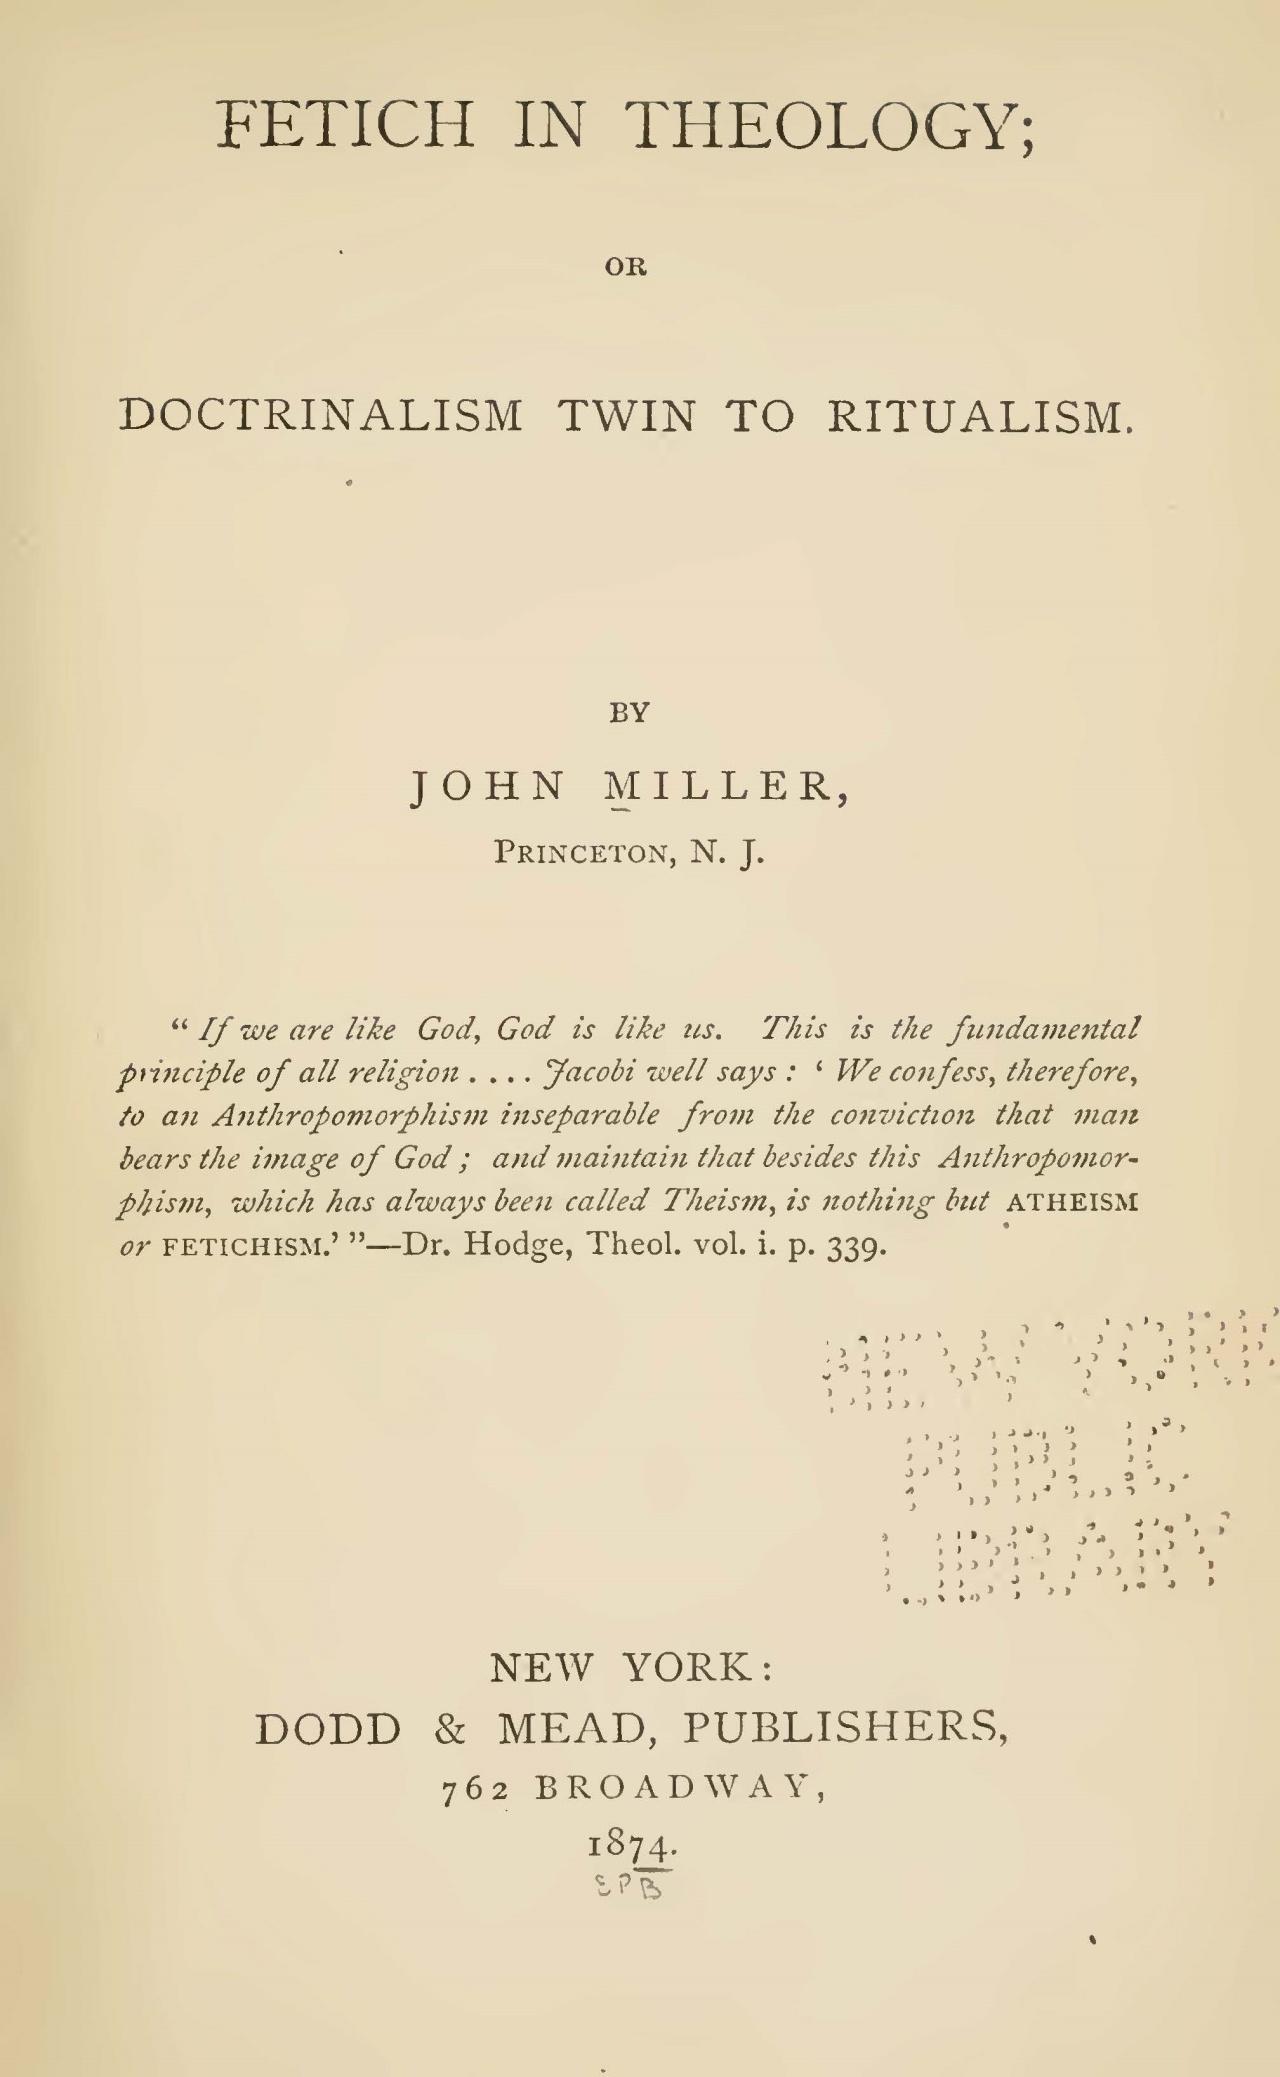 Miller, John, Fetich in Theology Title Page.jpg